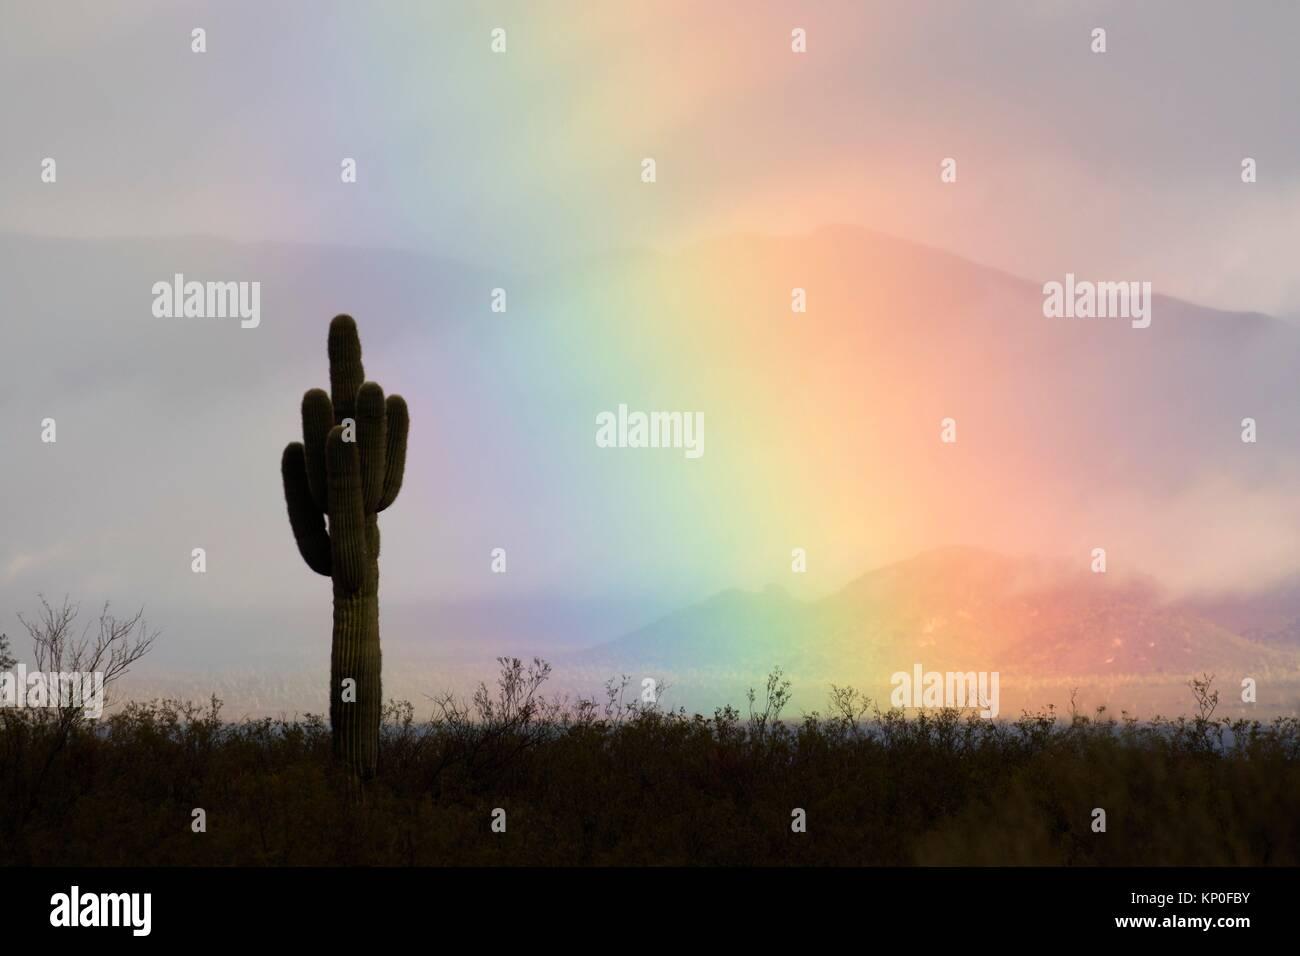 Rainbow with saguaro, Maricopa County, Arizona. - Stock Image